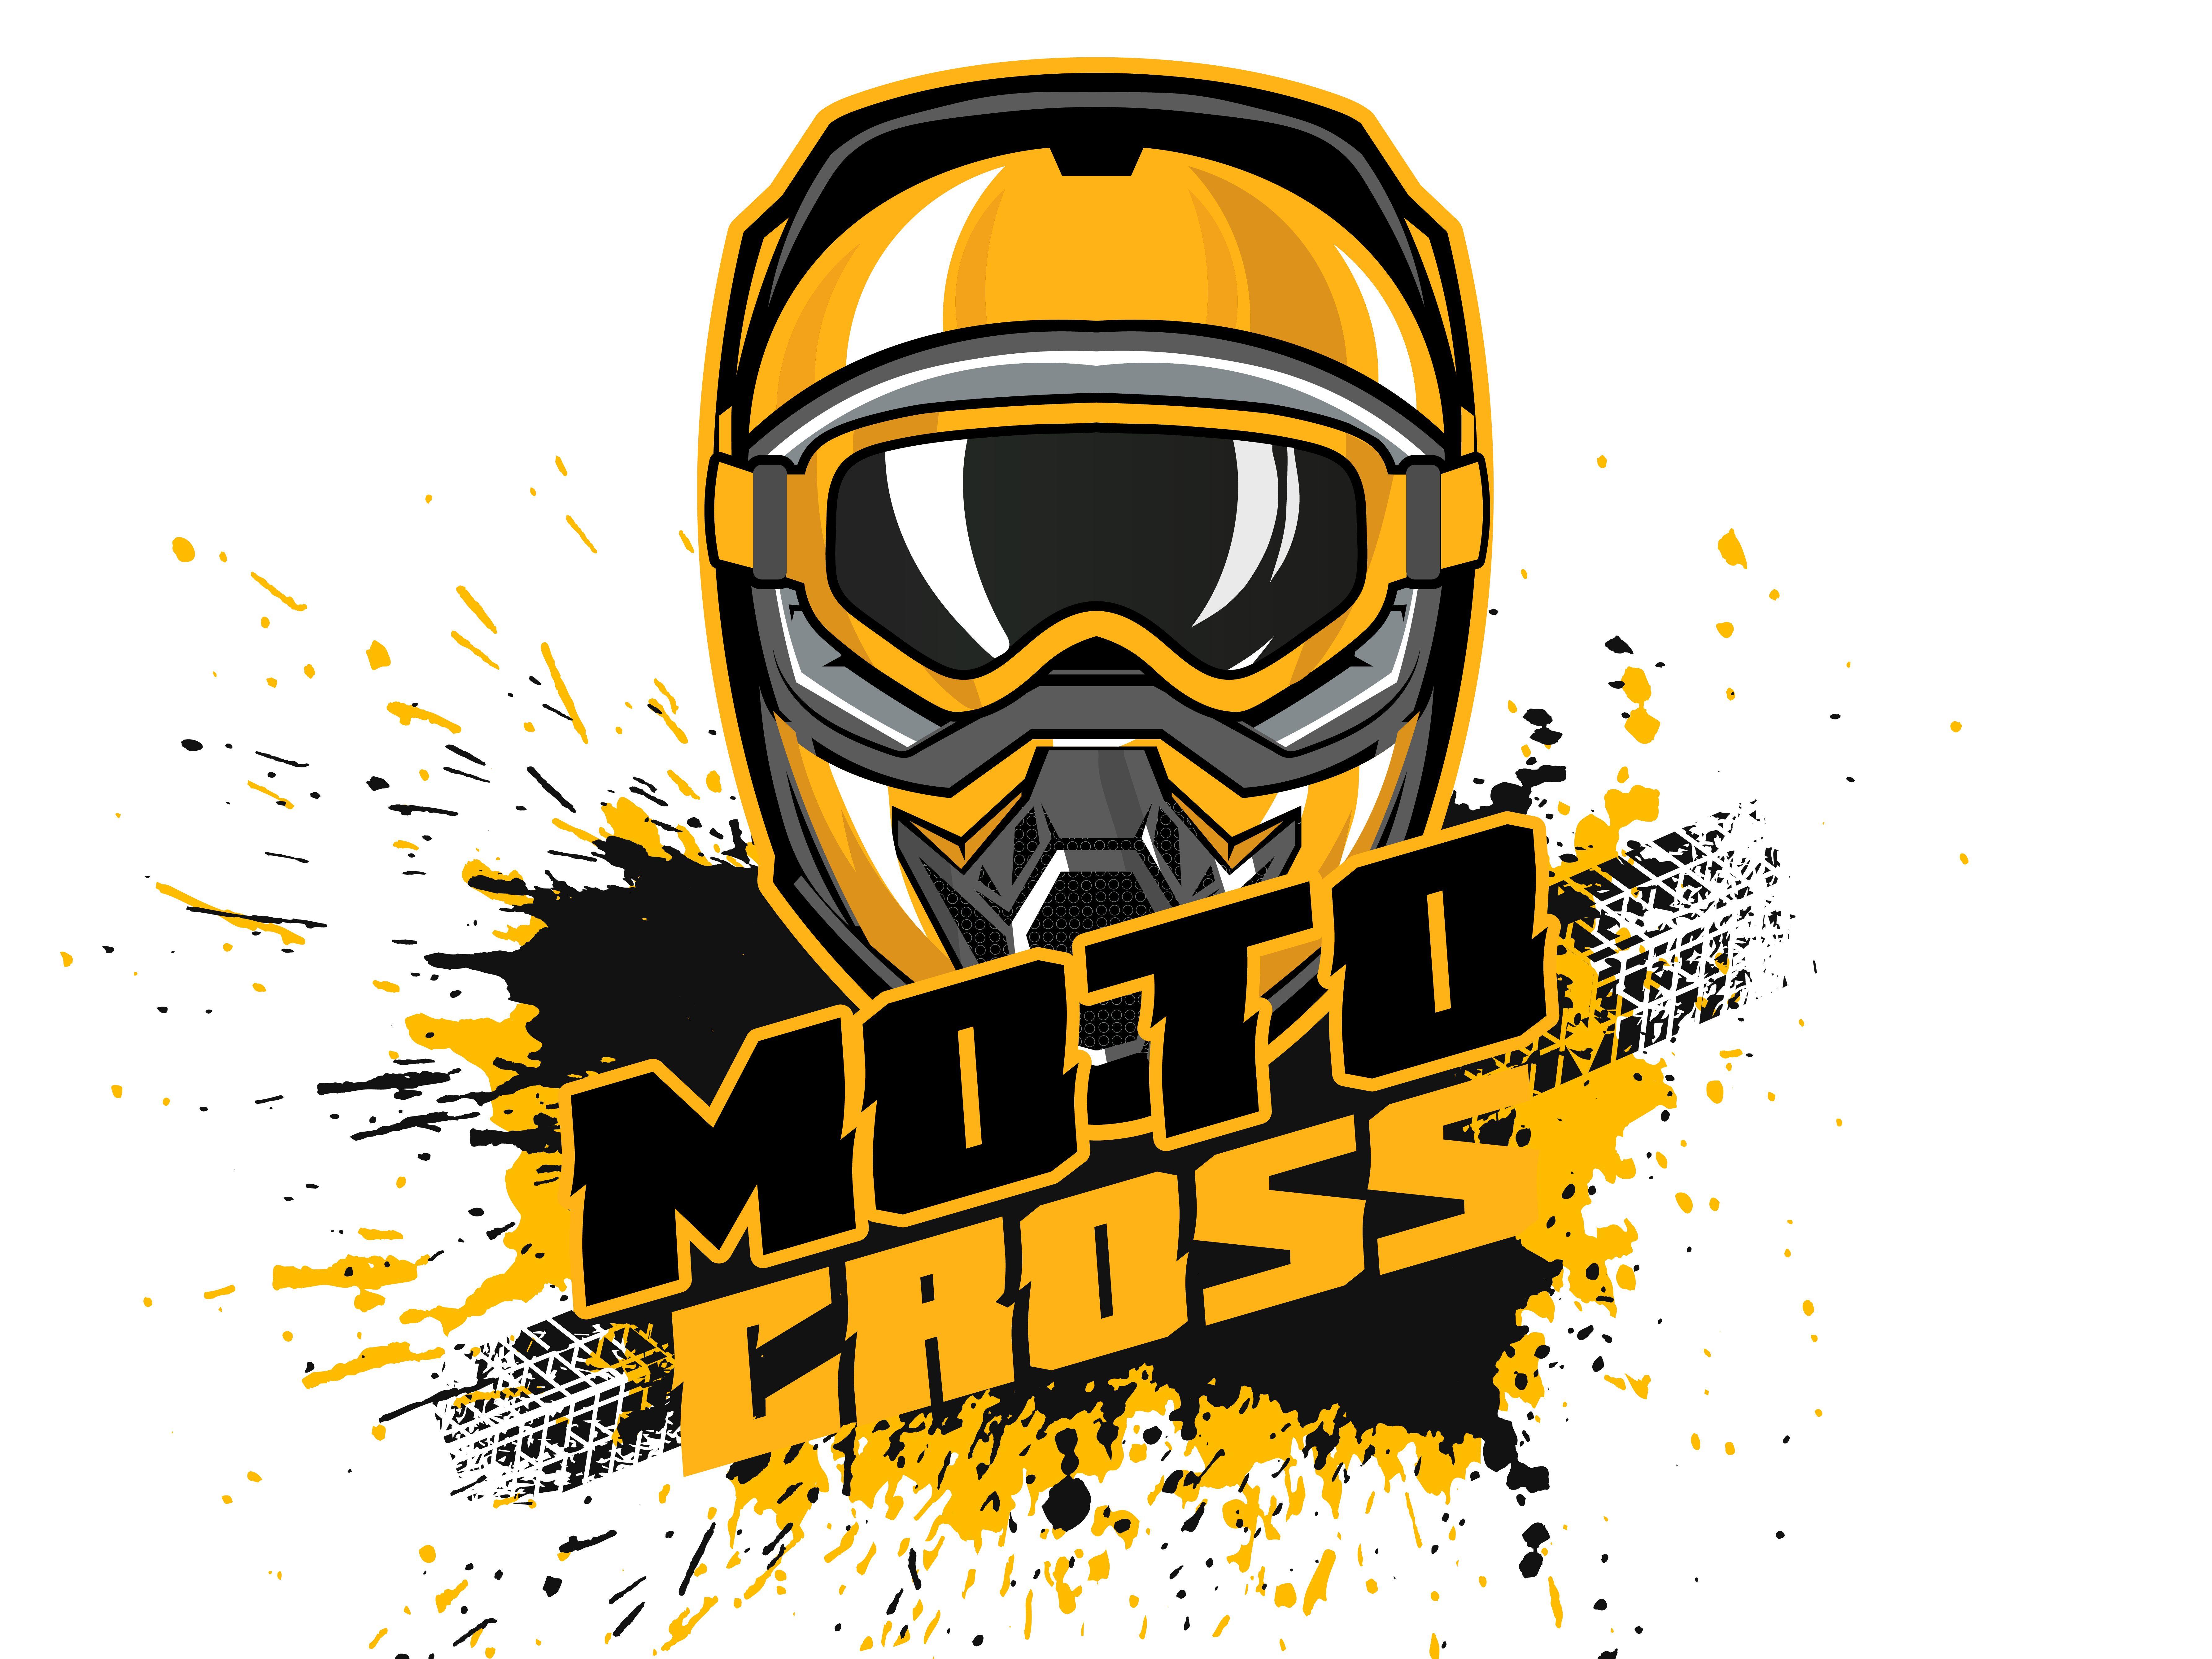 Motocross illustration.